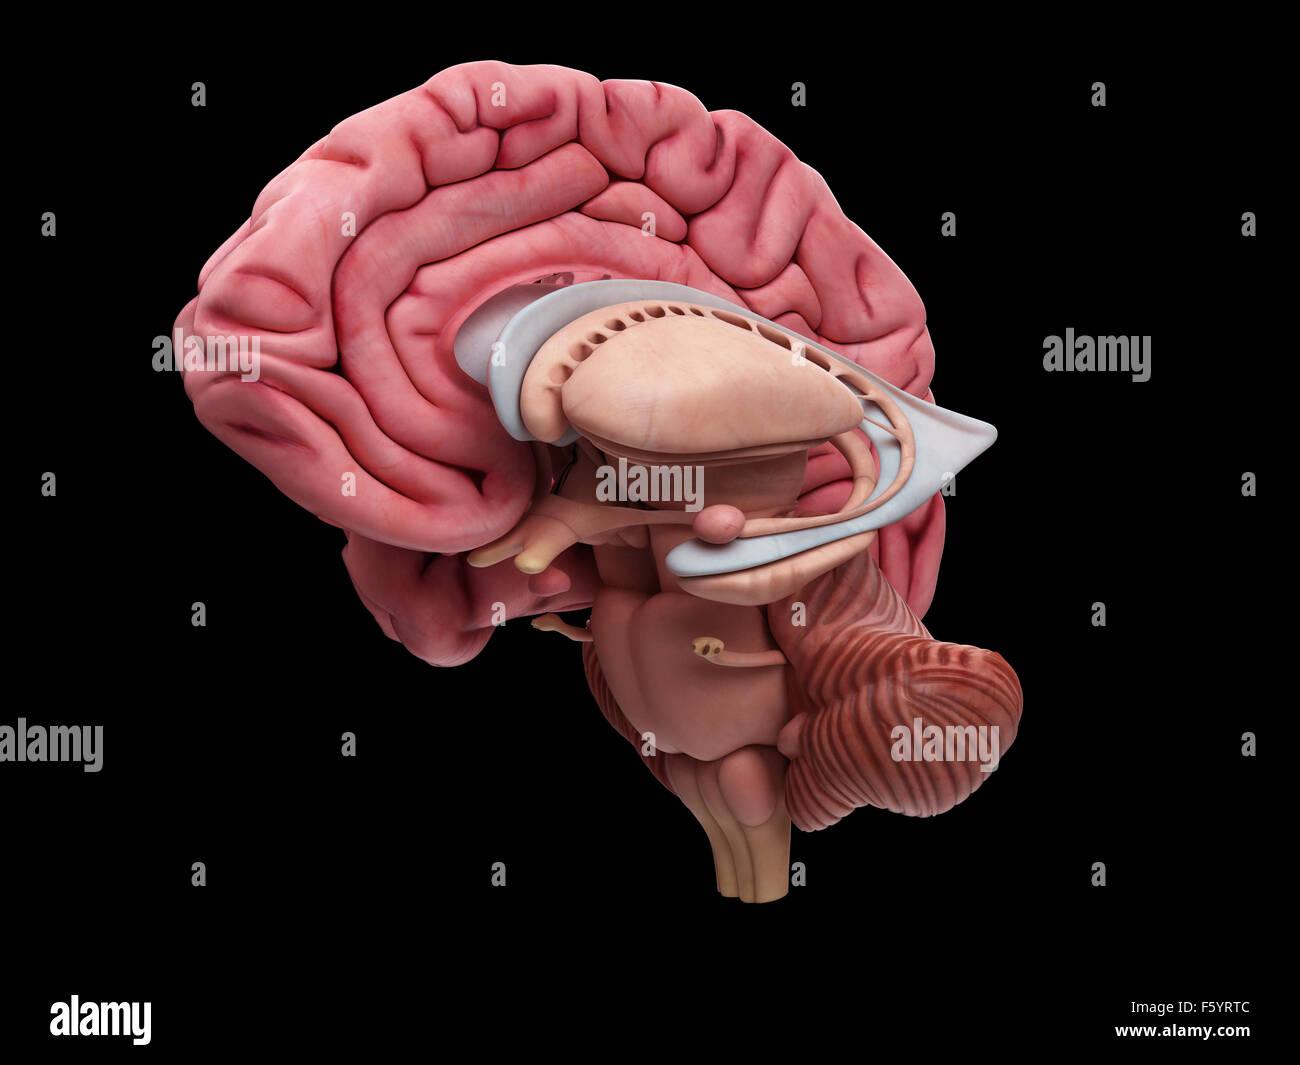 Ilustración médica precisa de la anatomía del cerebro Imagen De Stock